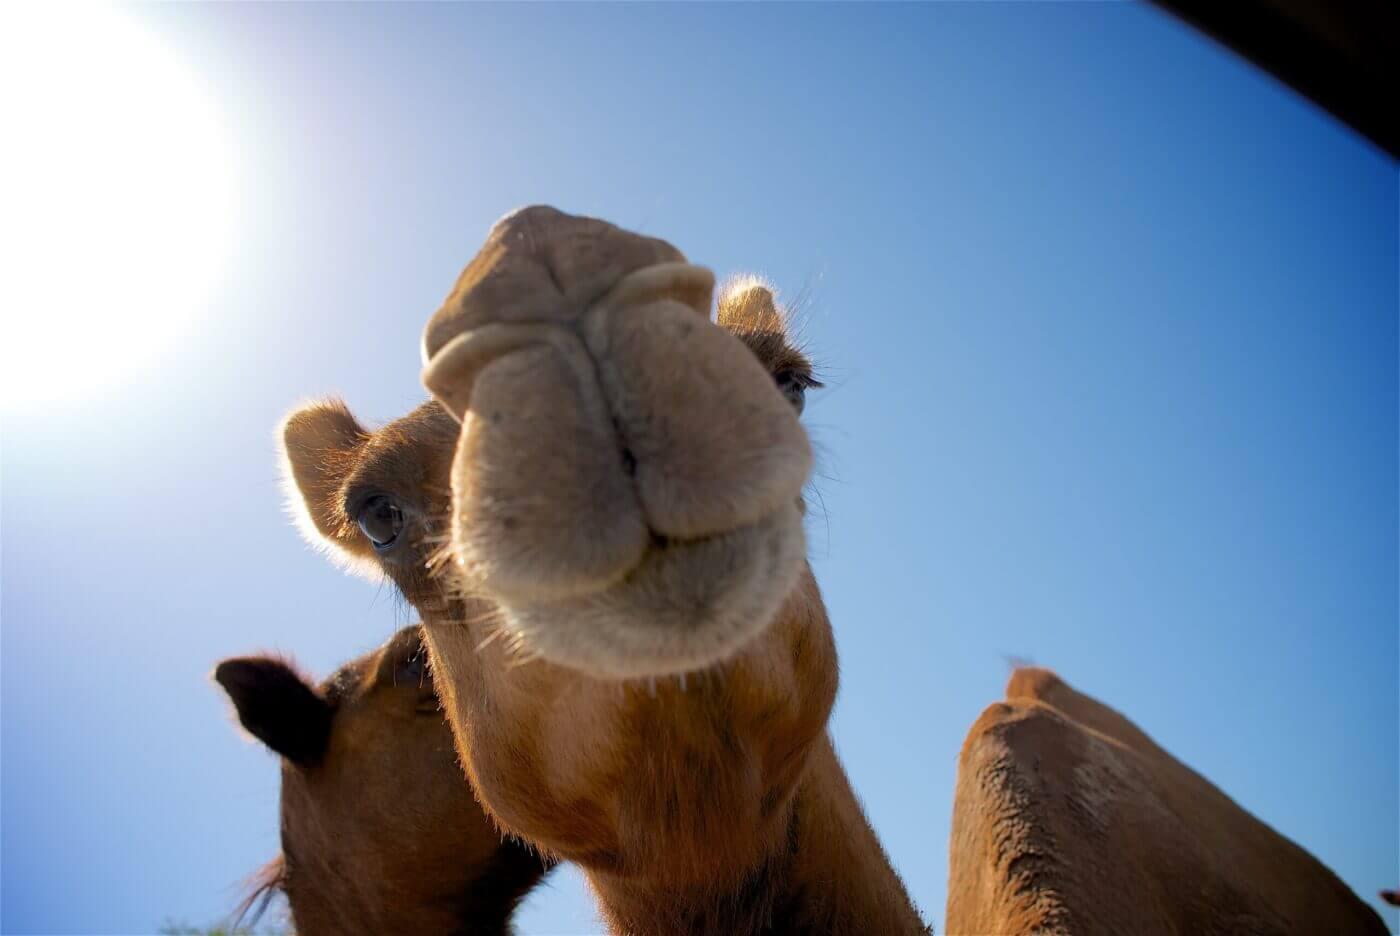 Fantastisch nieuws! Dierenritten worden verboden bij de piramides van Gizeh na PETA-campagne